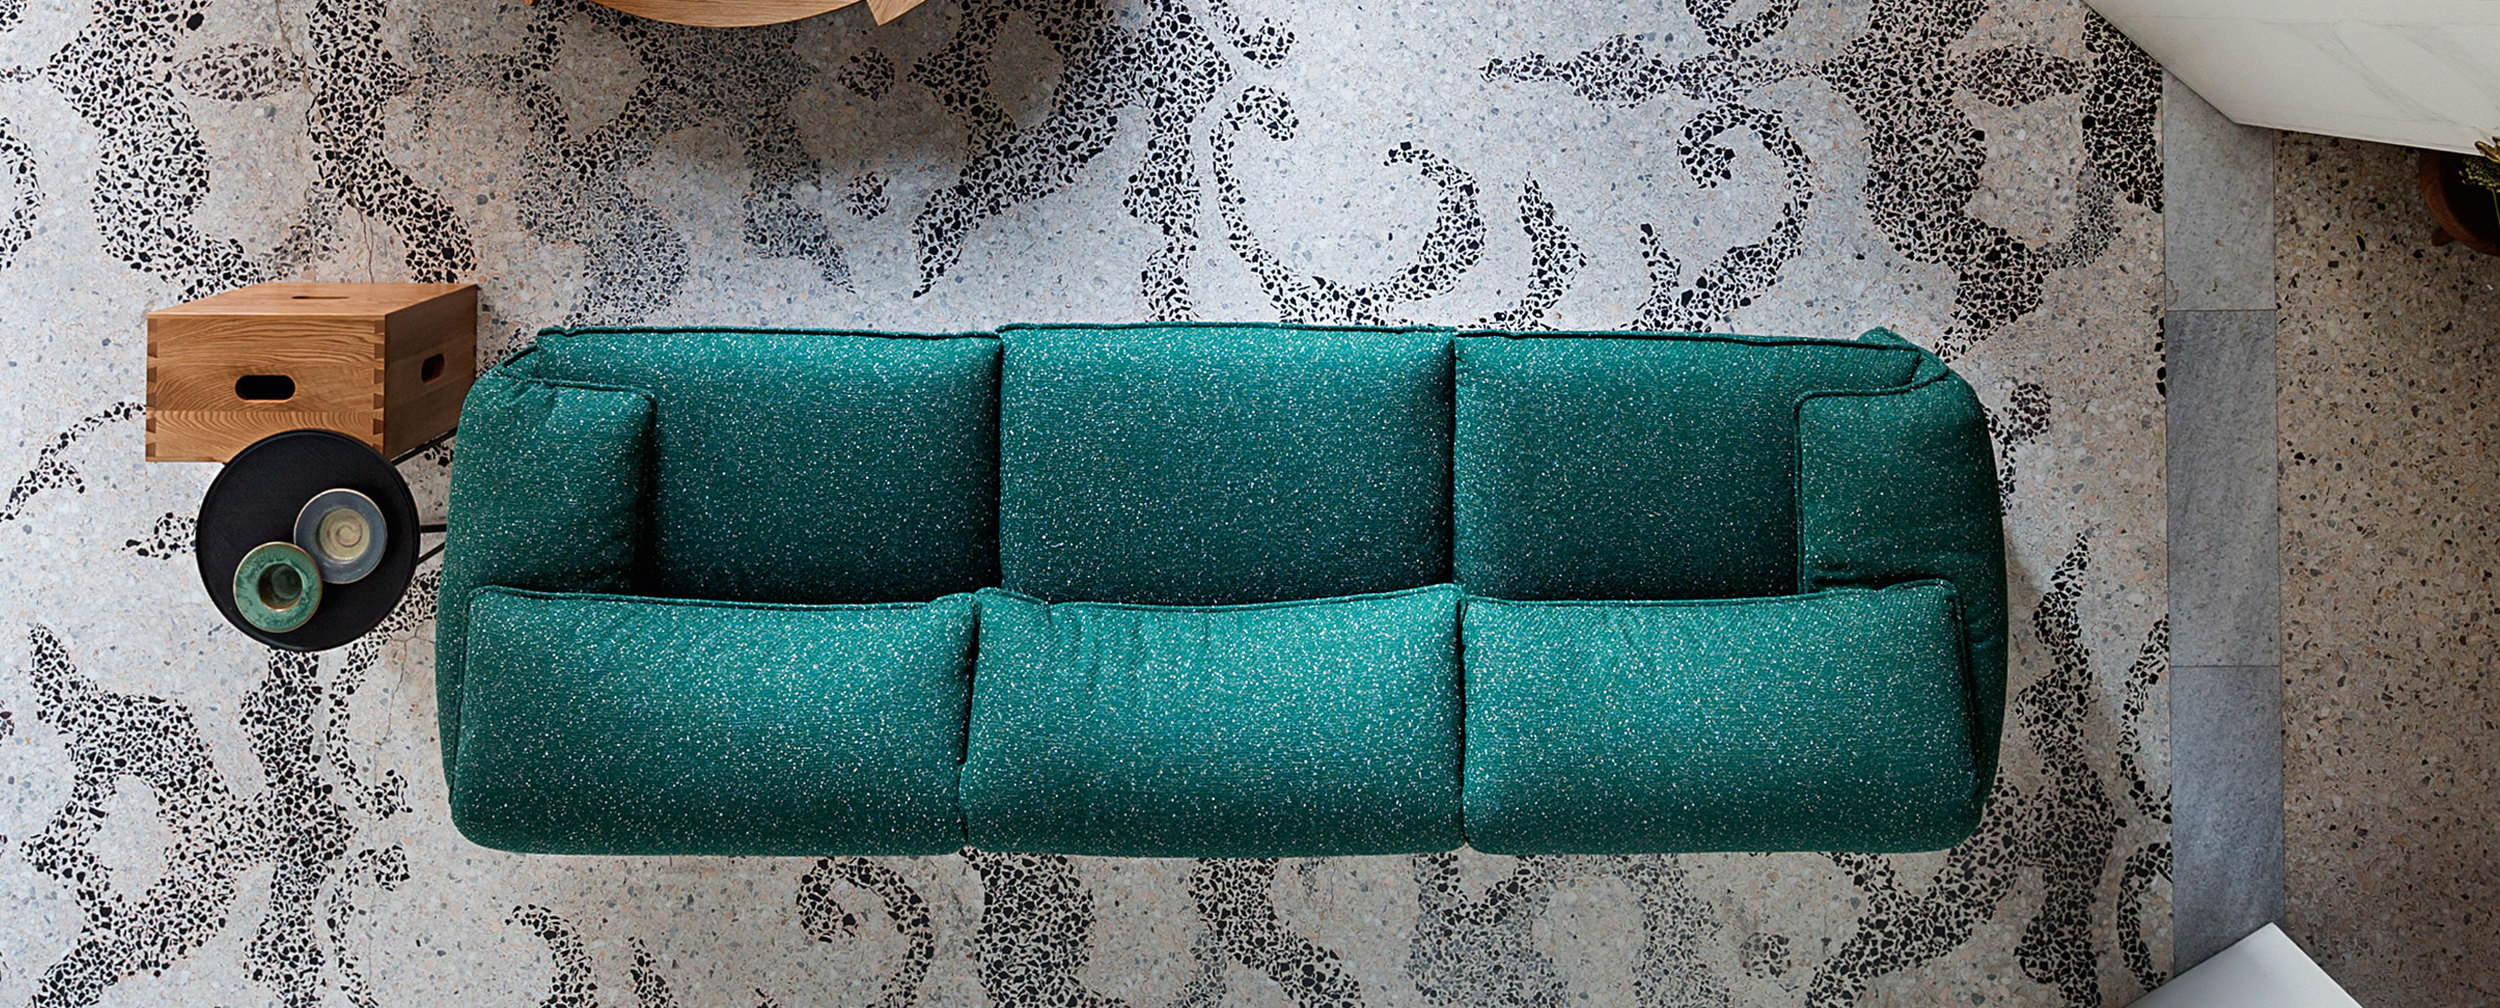 675_maralunga_40s_2 Cassina Loncin design meubel zetel Leuven Brussels mechelen antwerpen vlaams-branbant Limburg Hasselt Tongeren Genk Sint-Truiden Zoutleeuw.jpg